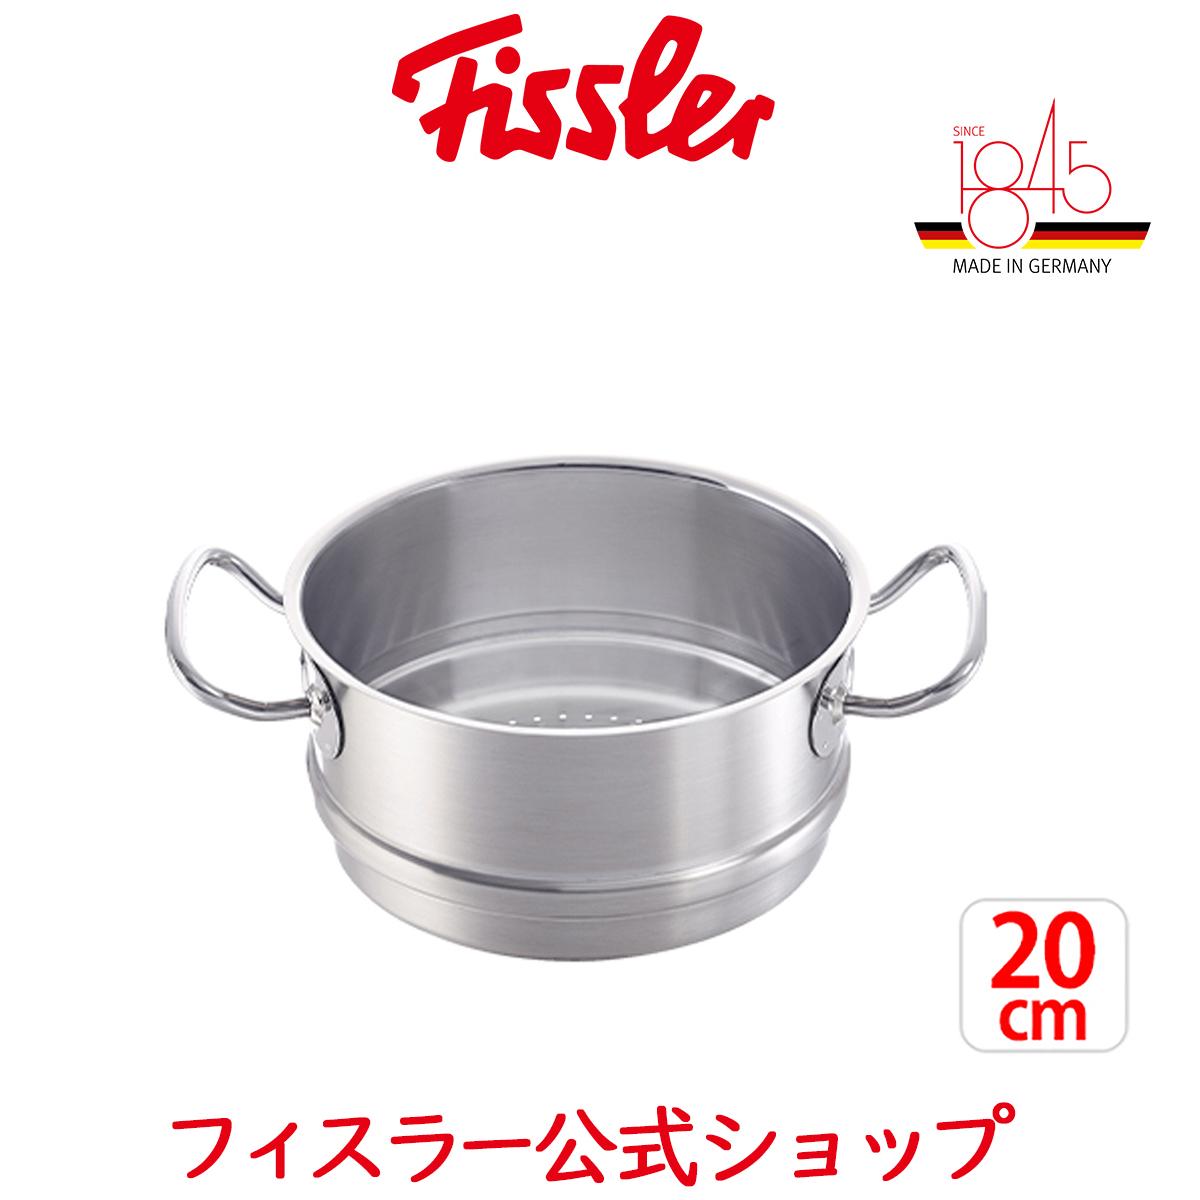 【公式】 フィスラー プロコレクション スチーマー 20cm Fissler メーカー公式 ドイツ製 ステンレス 083-773-20-000